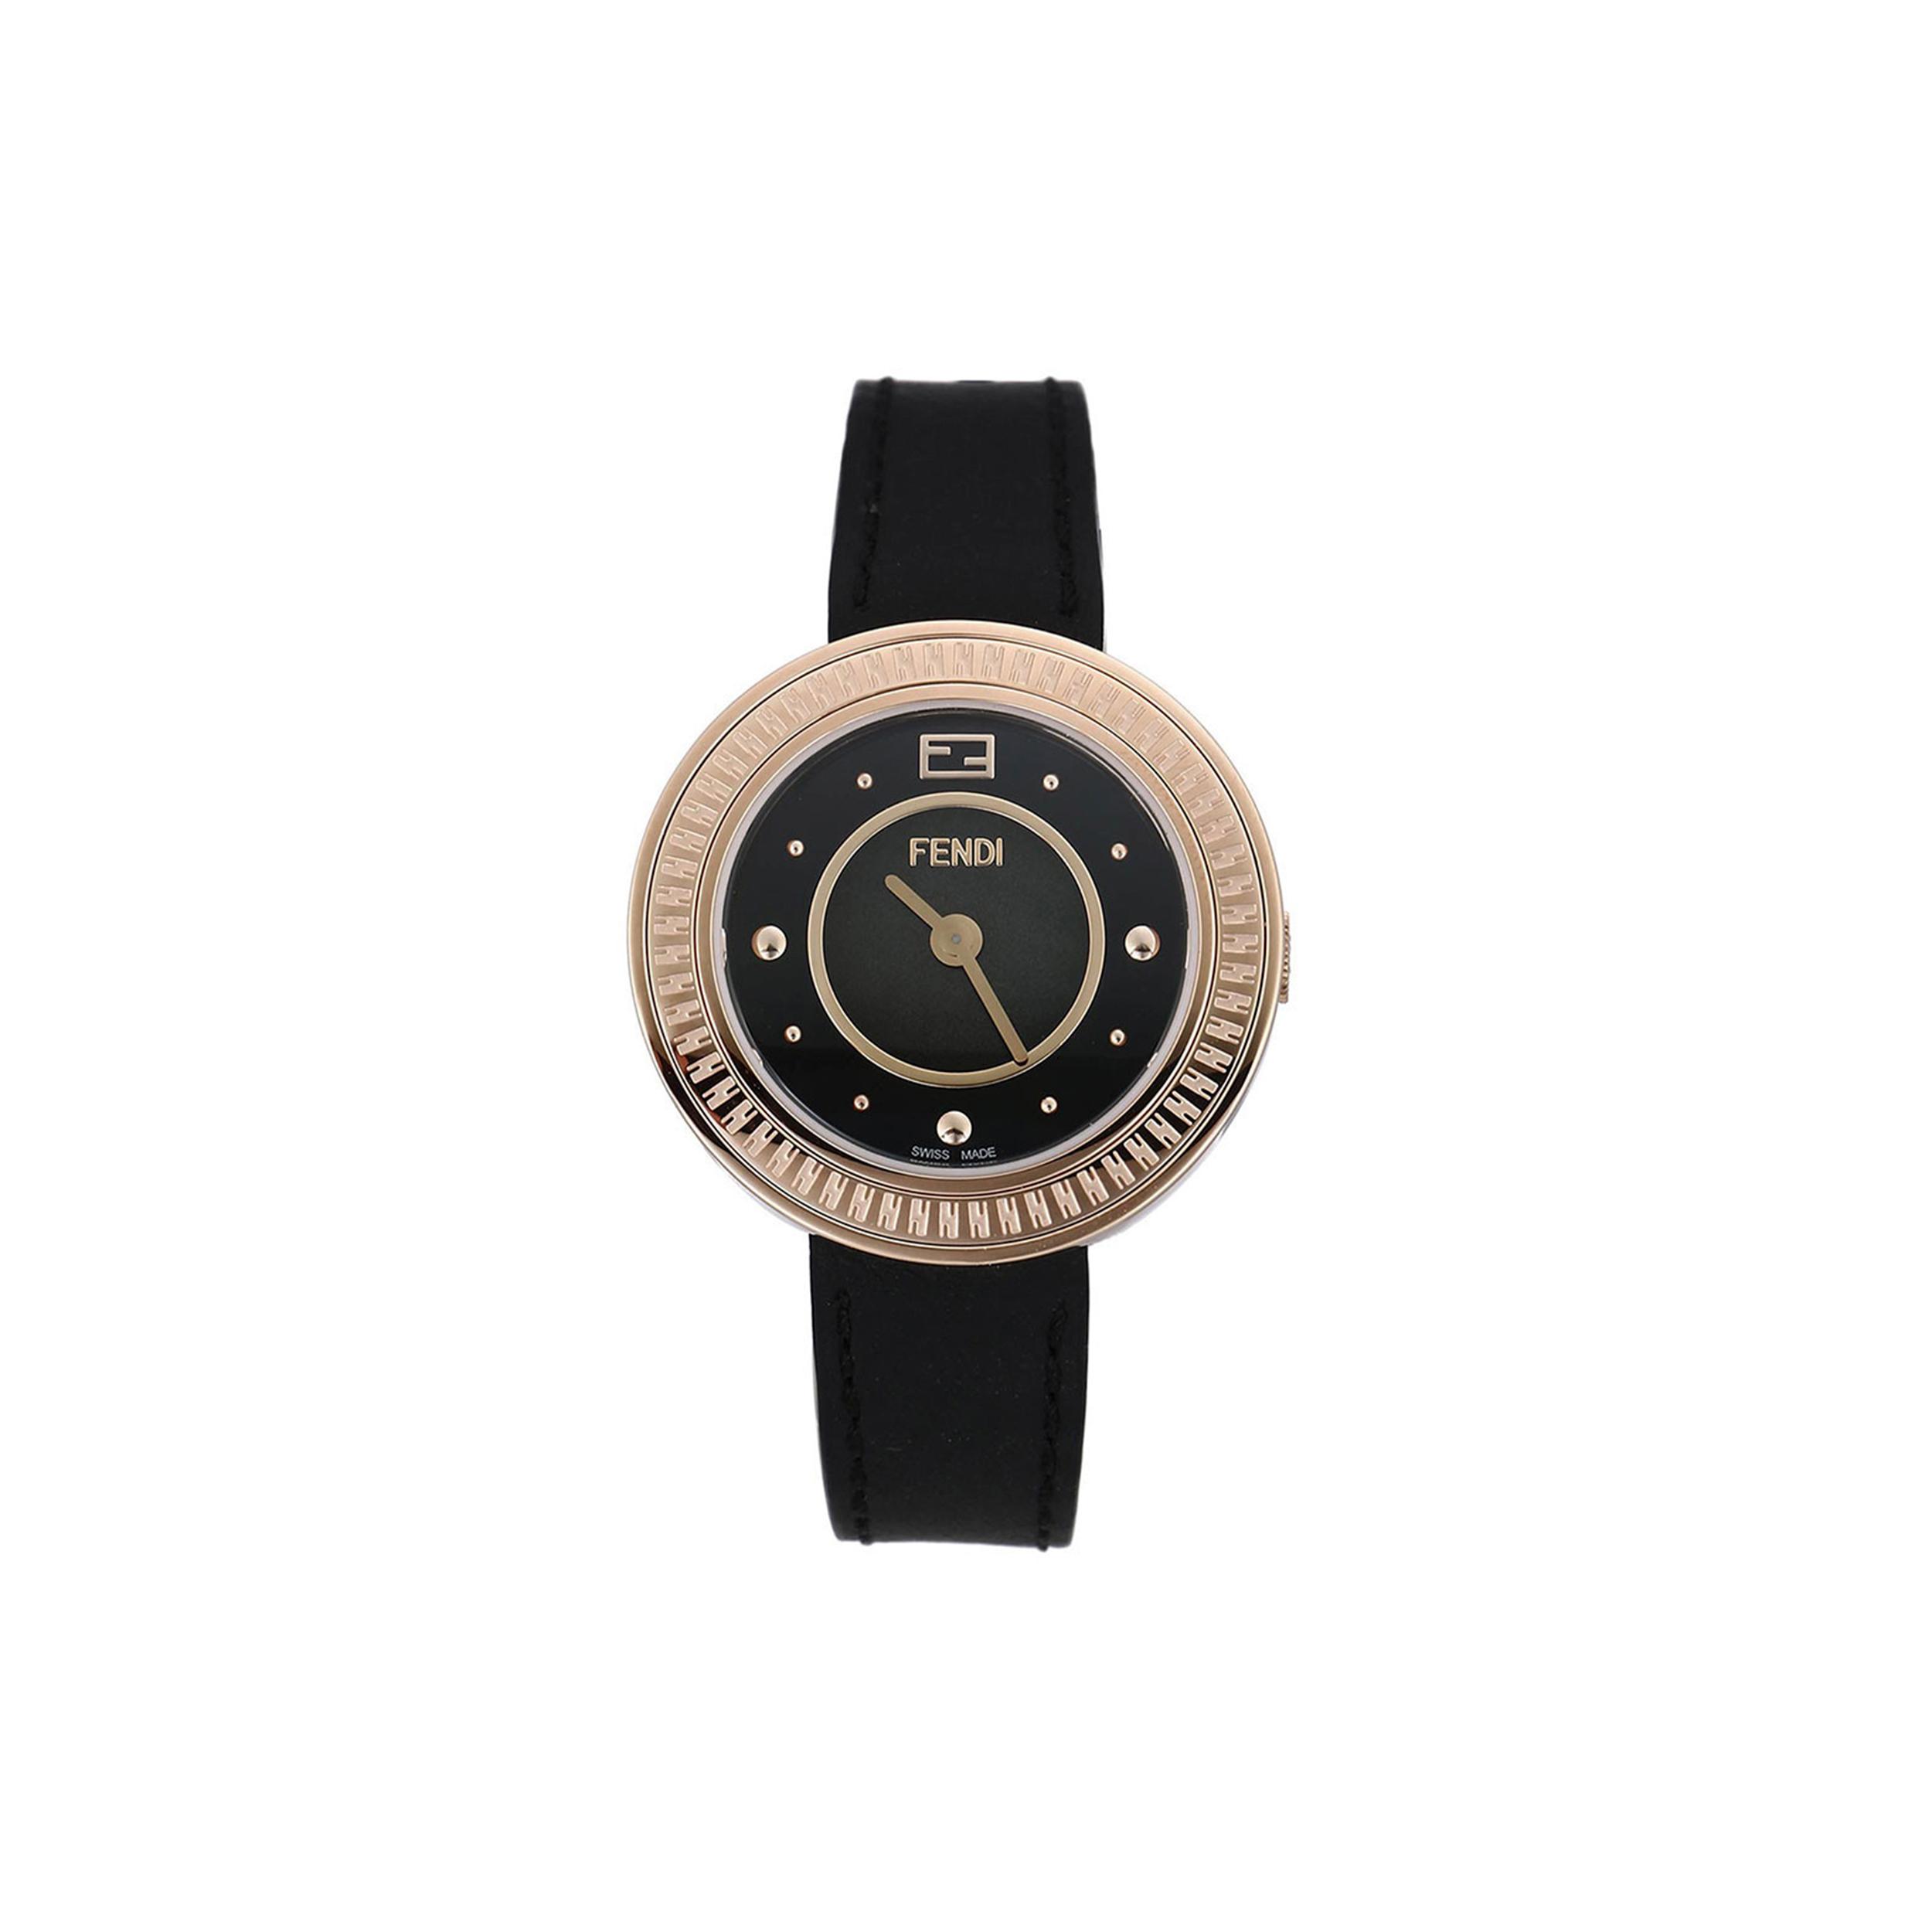 ساعت مچی عقربه ای زنانه فندی مدل F370521511